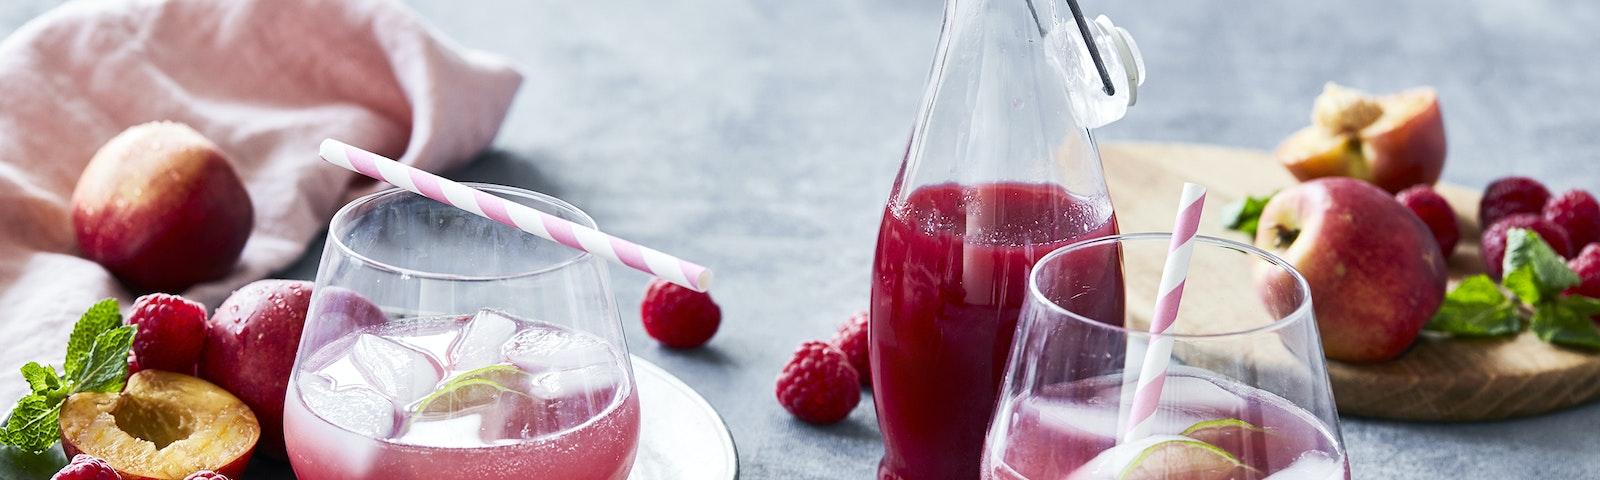 Lemonade med hindbær og nektarin